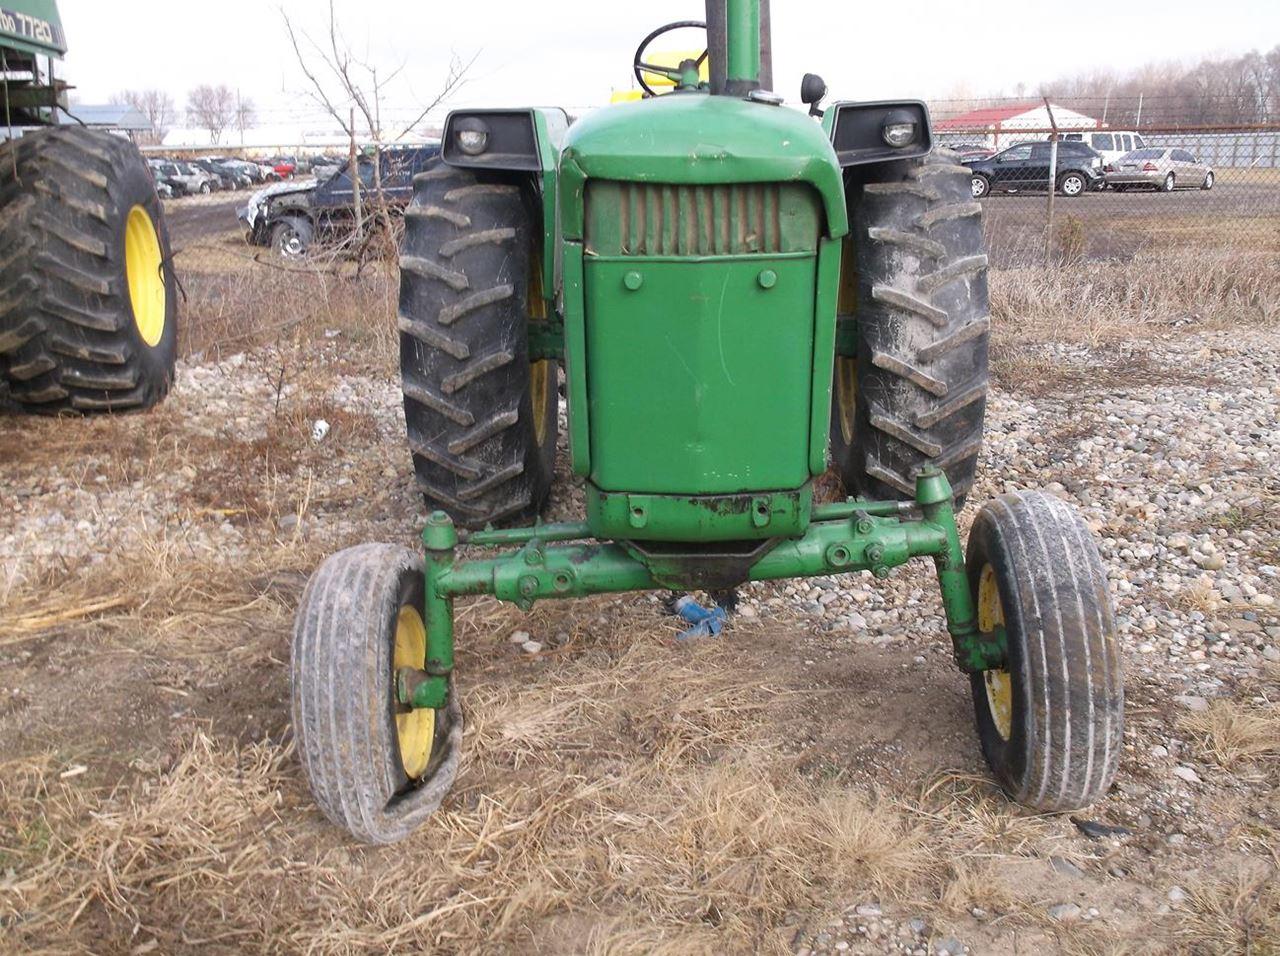 John Deere 4020 Tractor Parts | John Deere Parts: John Deere